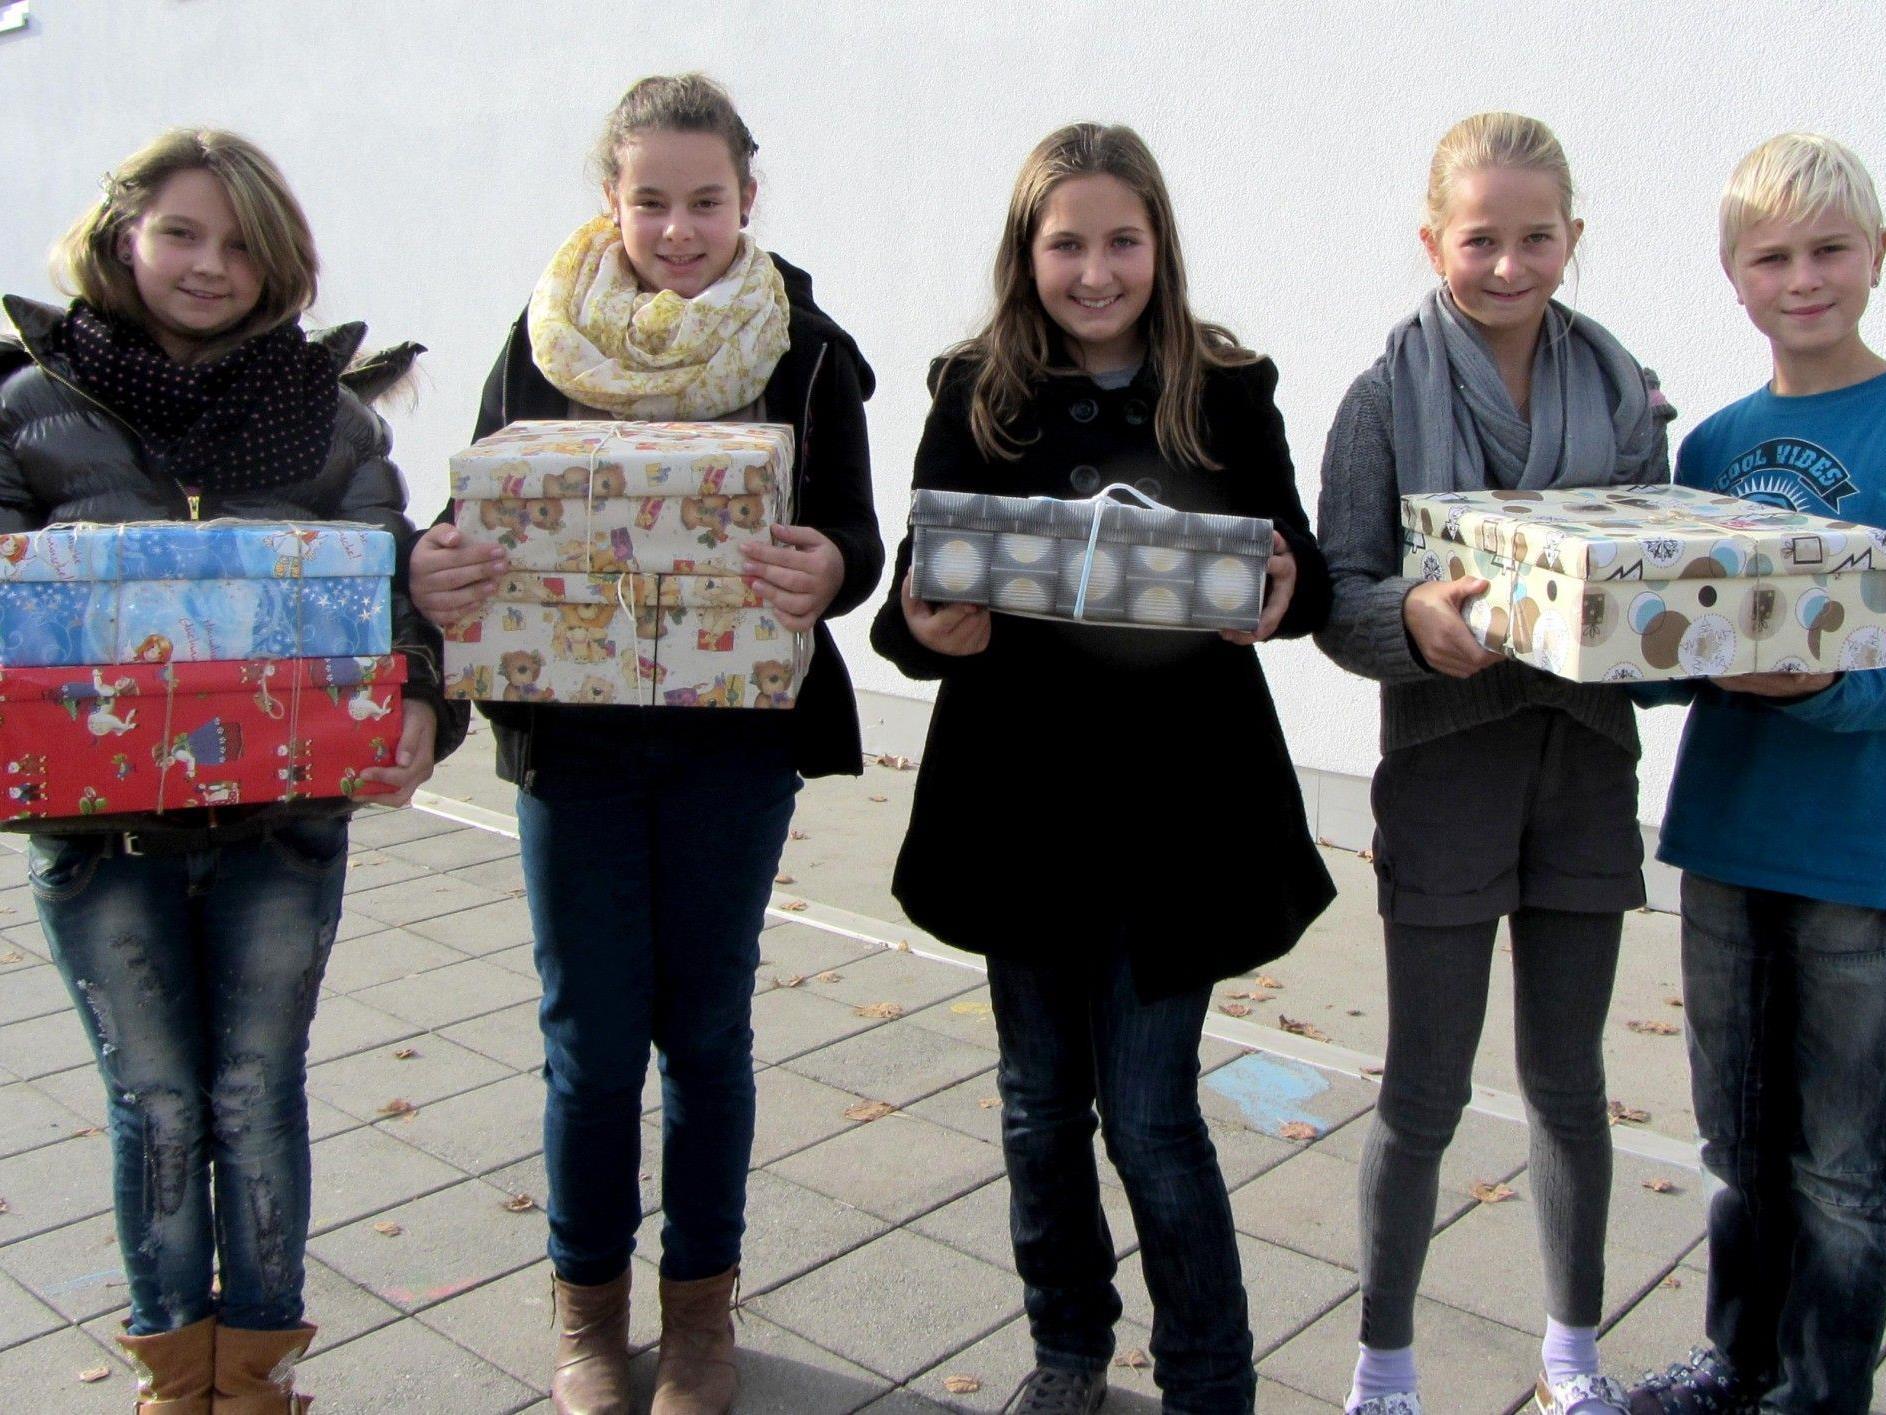 Zoe, Leila, Anabel, Noelle und Yannik mit 'ihren Schuhkartons'